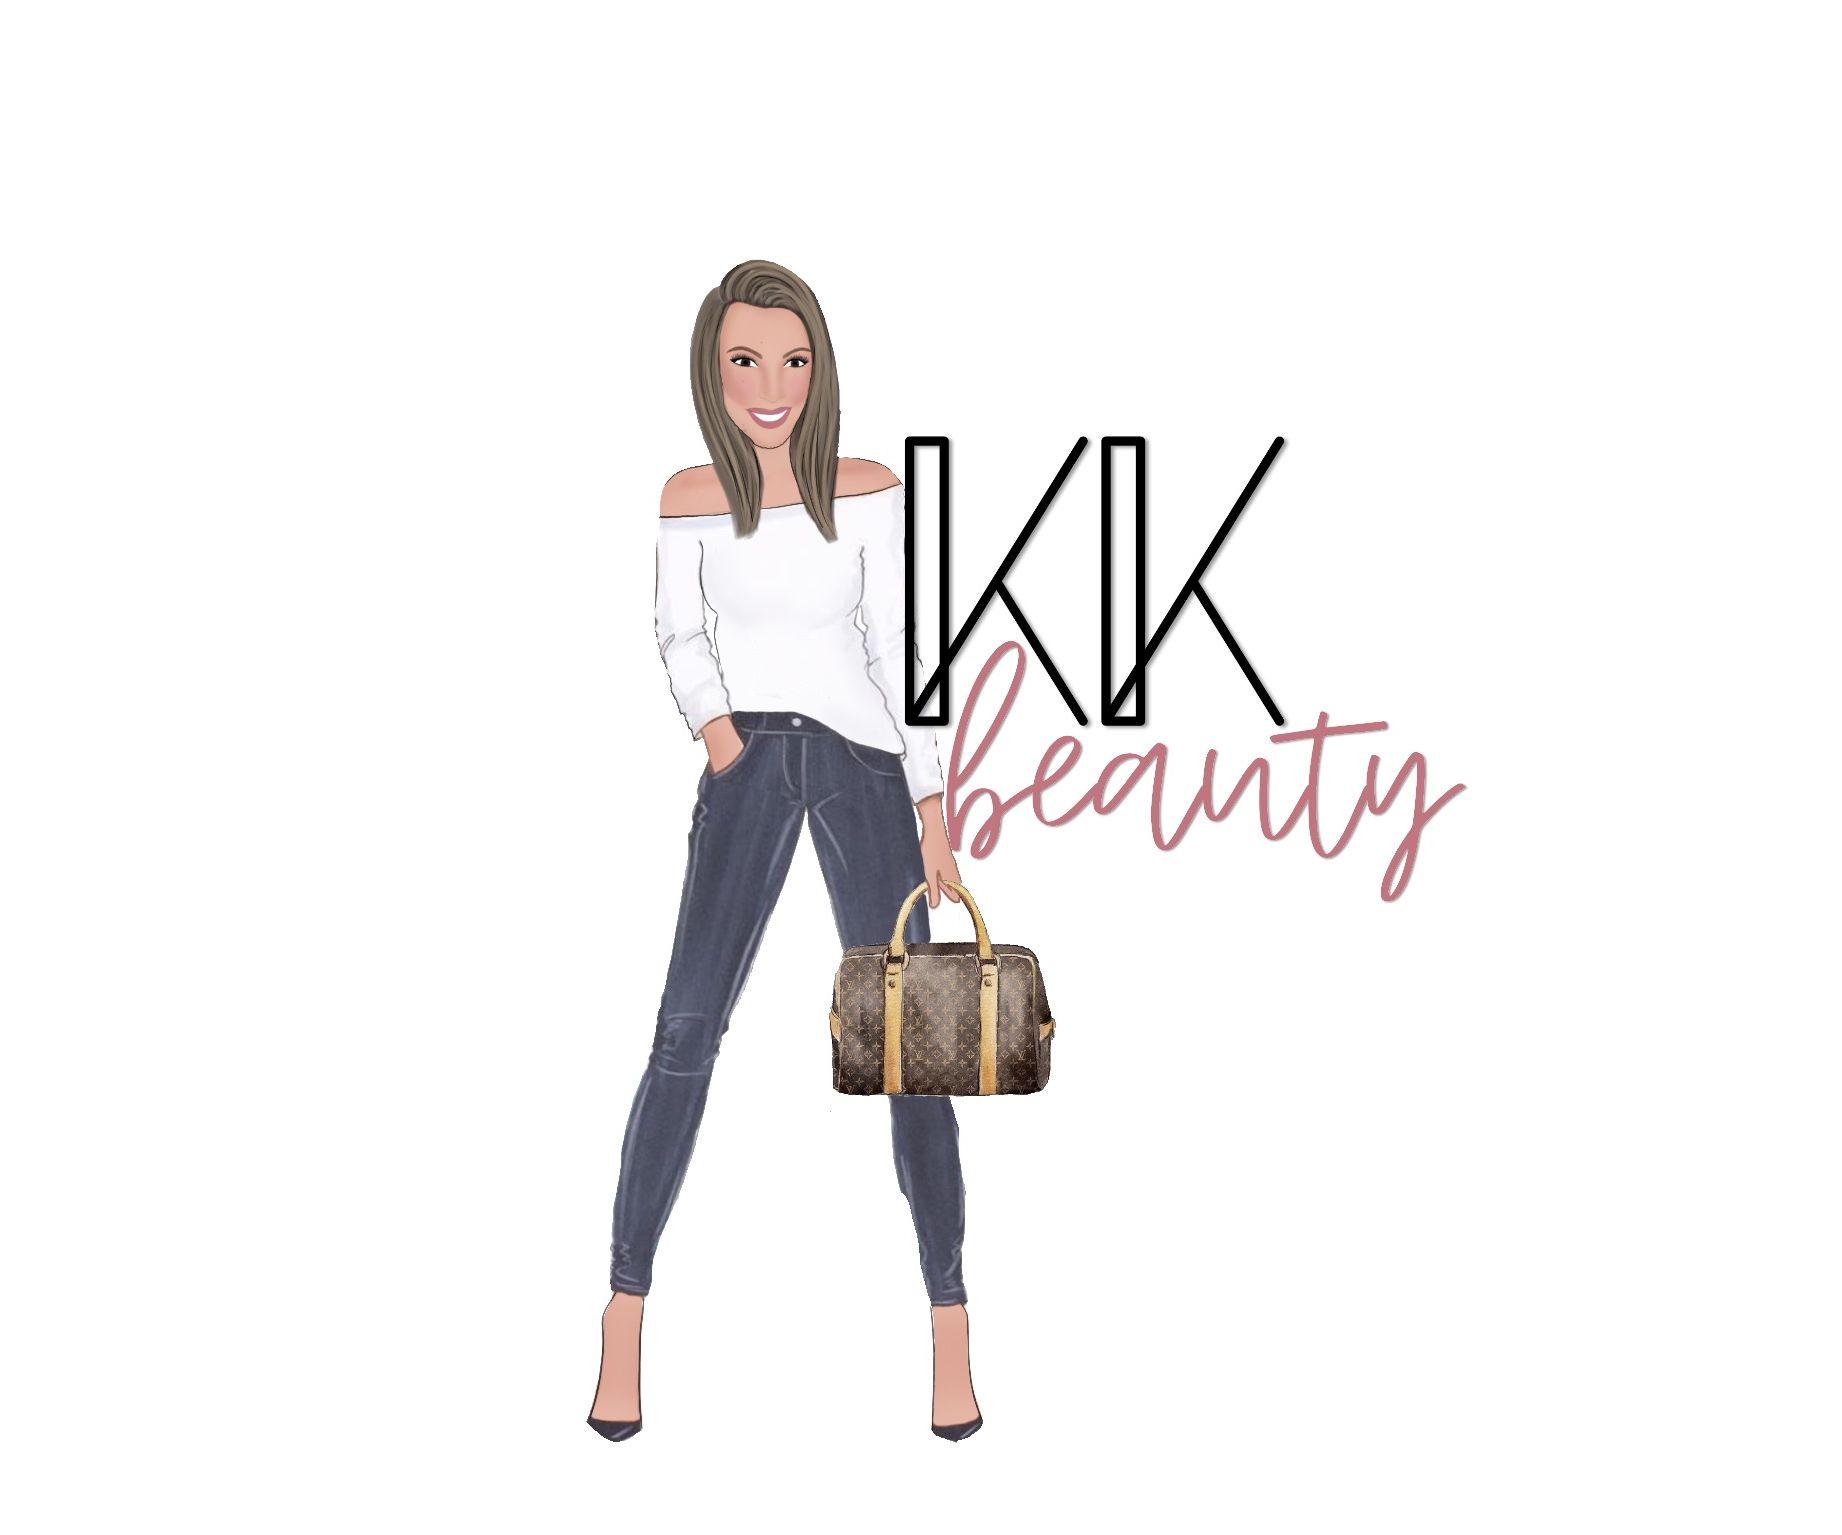 www.kristakasperbeauty.com